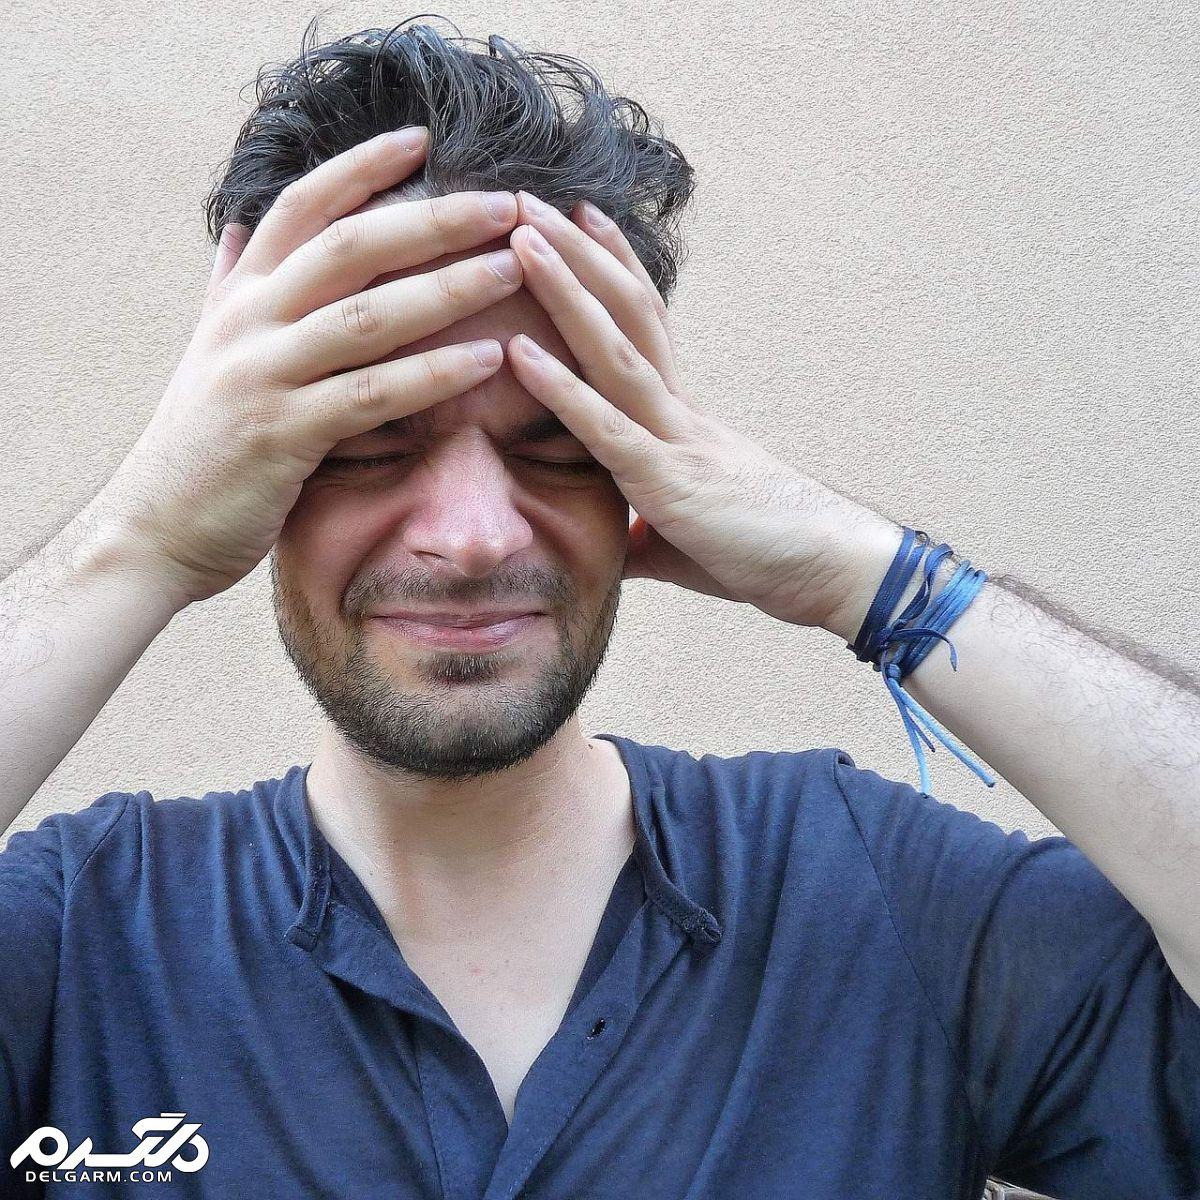 علت سردرد مقاربتی یا سردرد بعد از رابطه جنسی